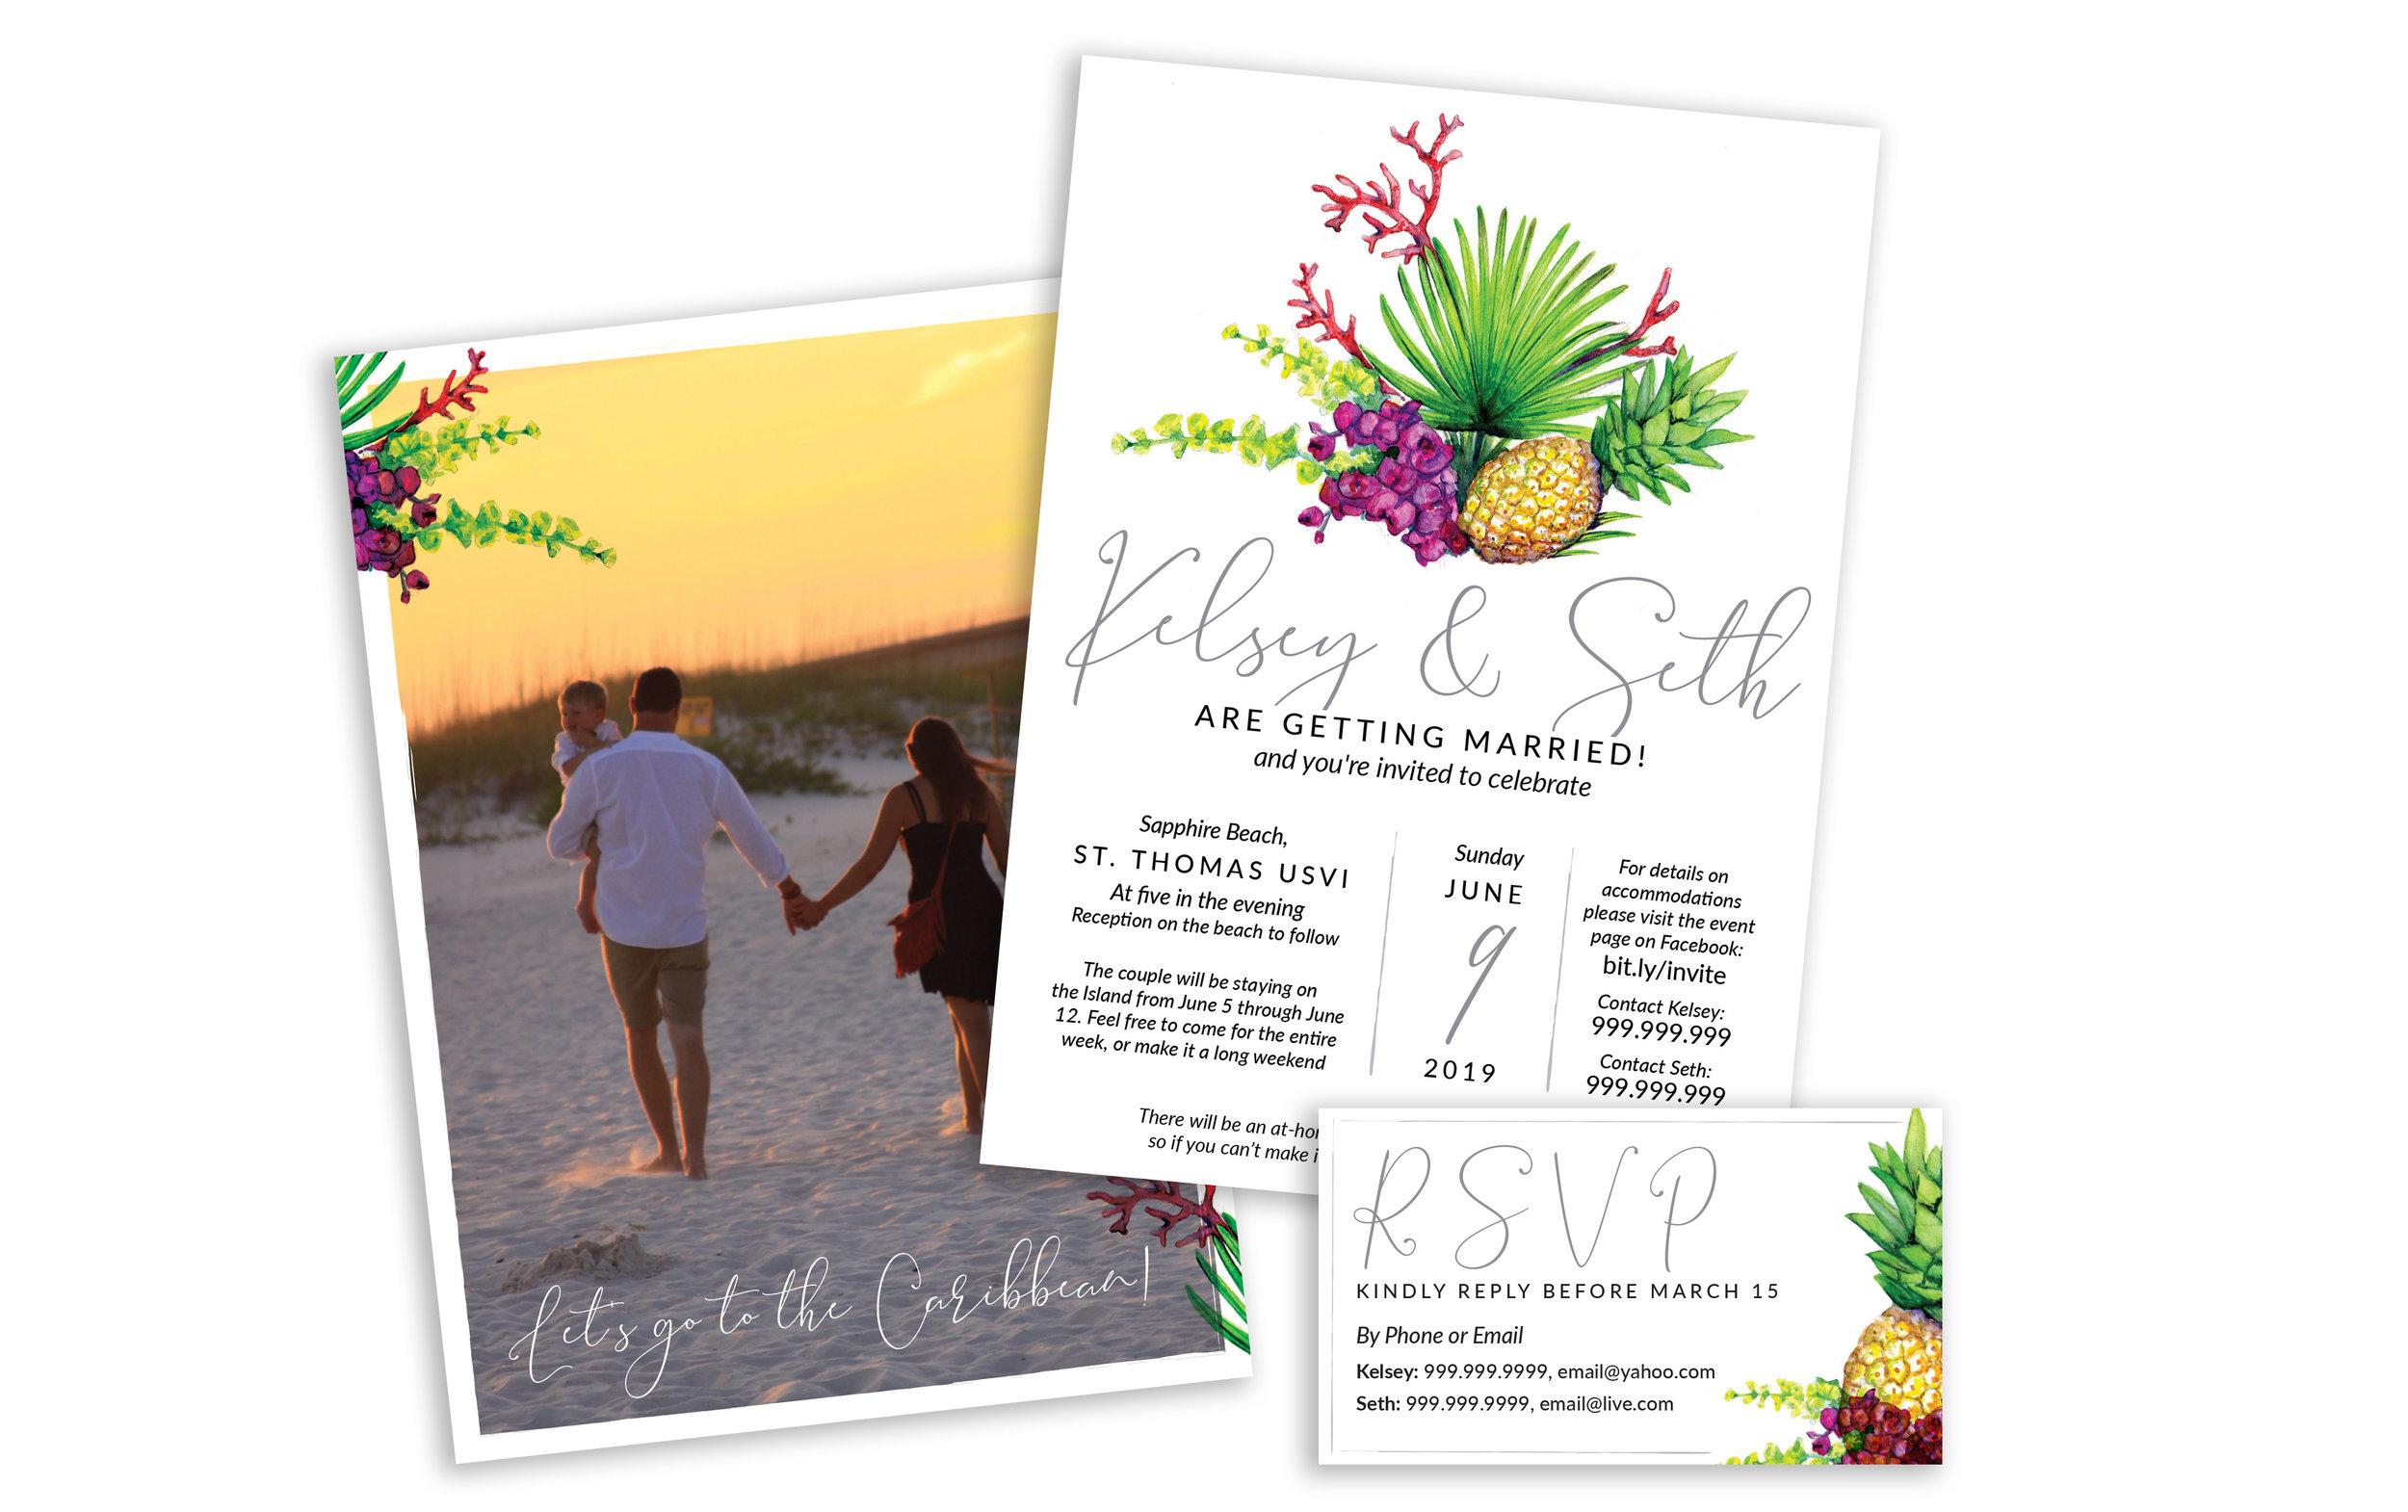 KelsandSeth_Invite_Website.jpg